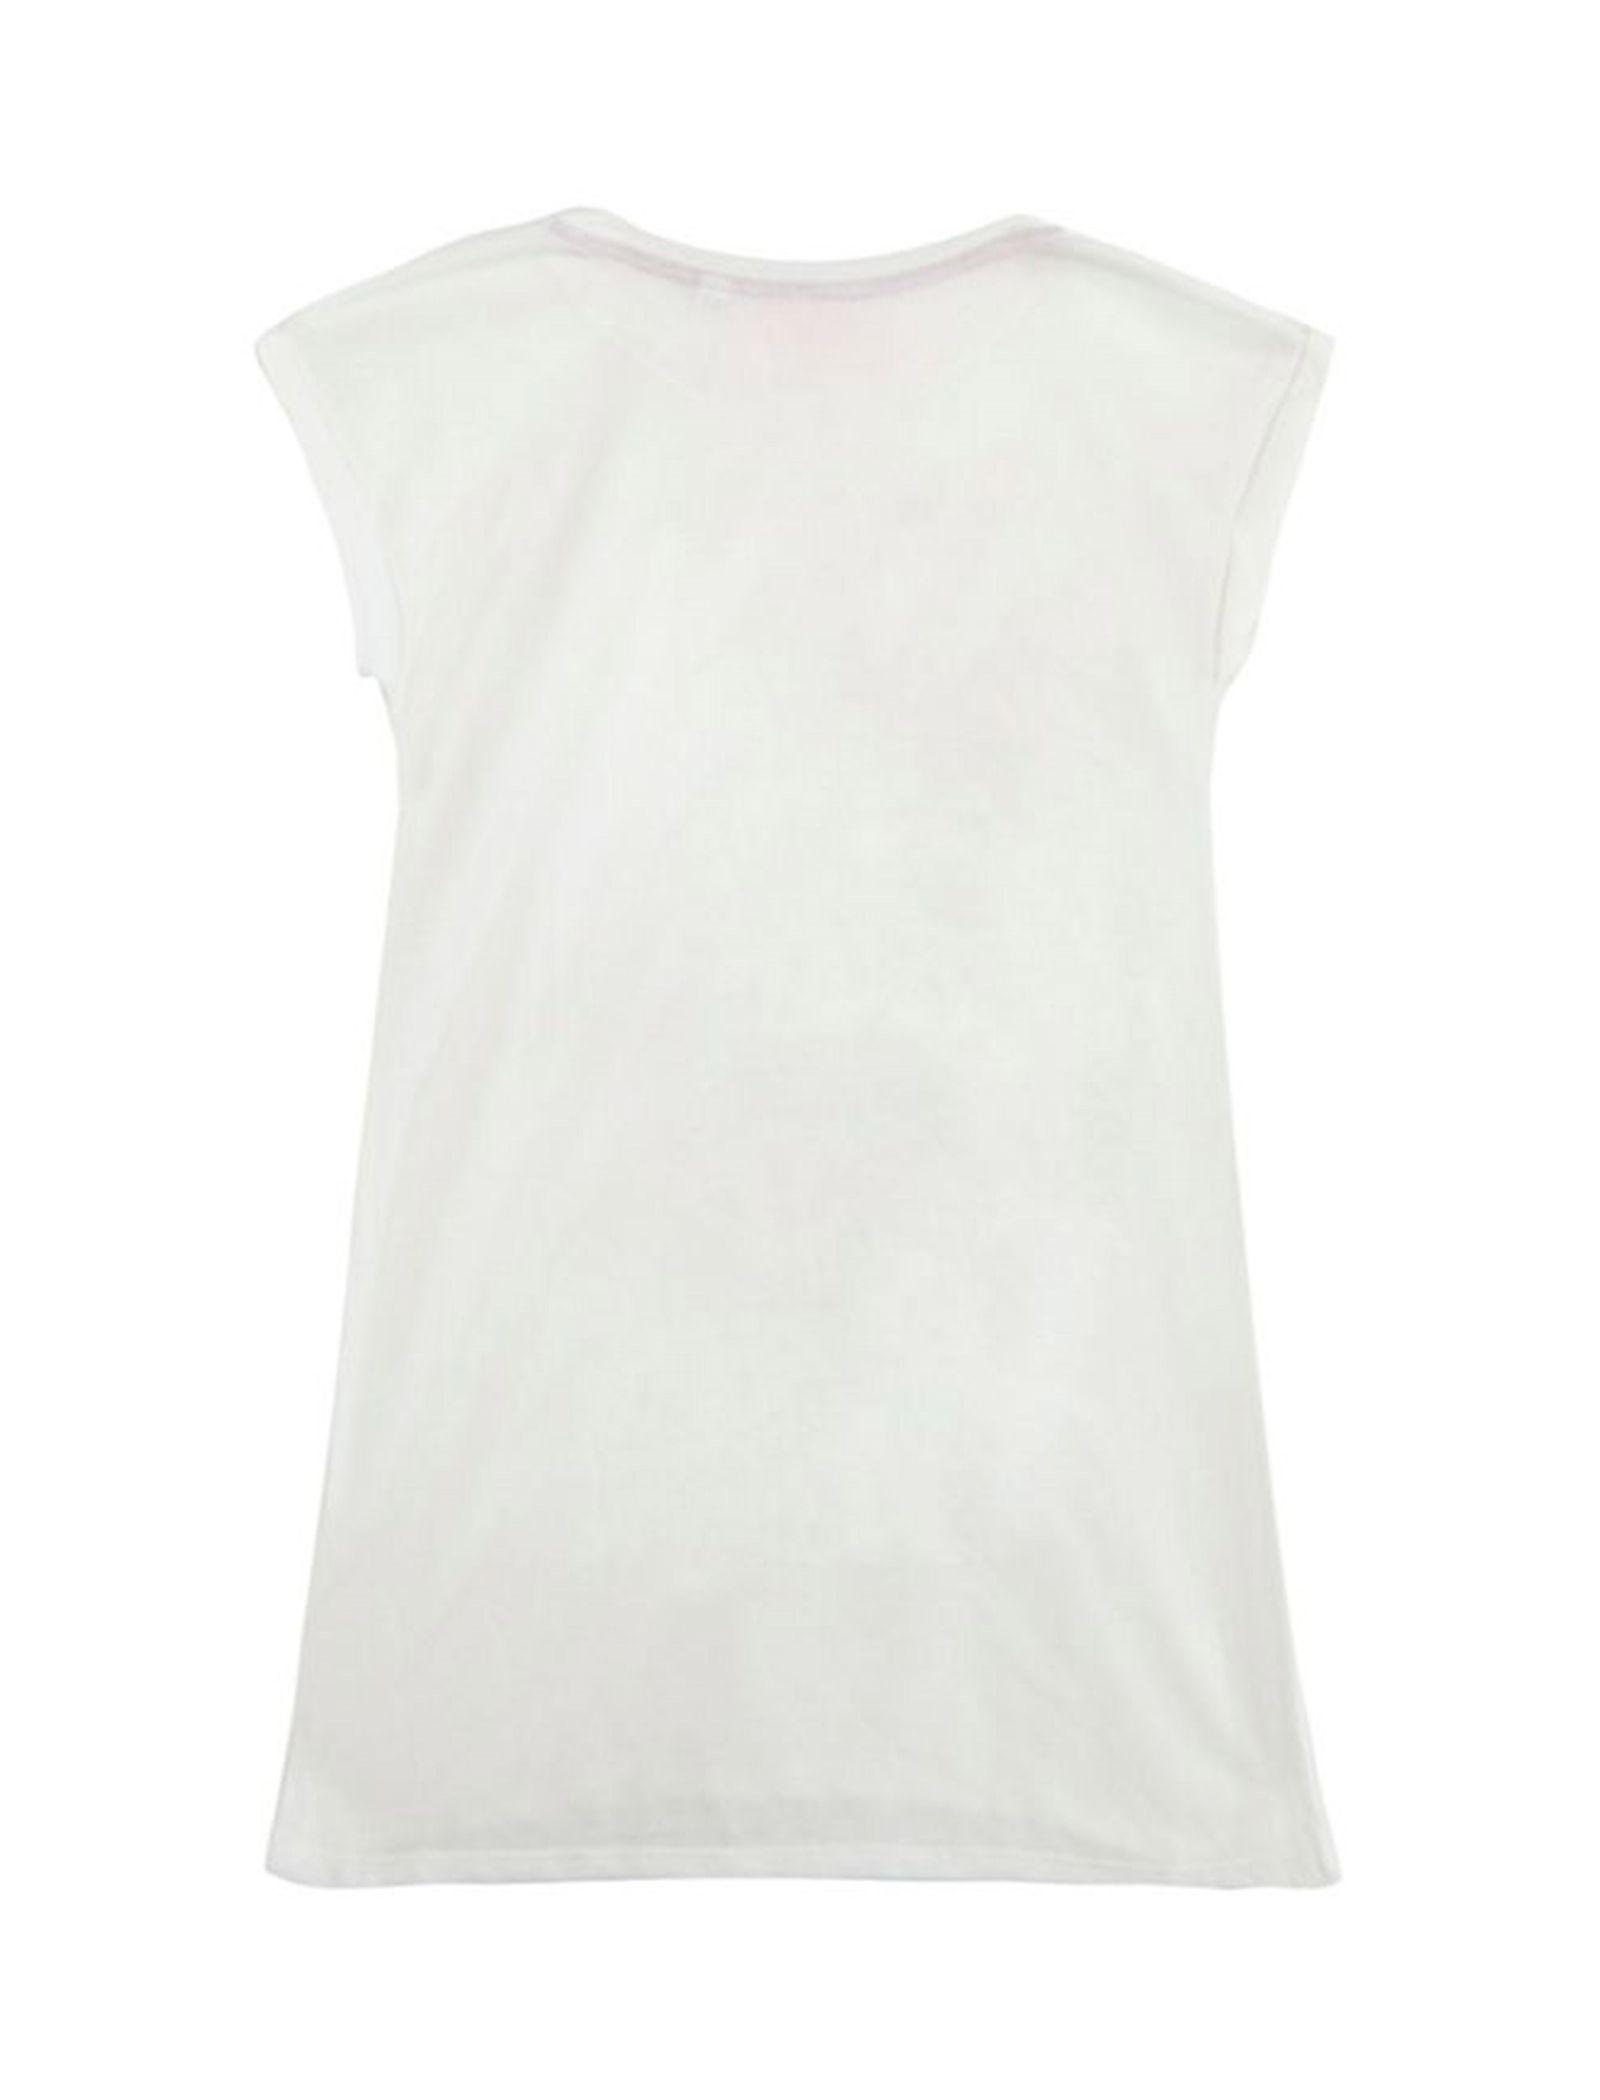 تی شرت یقه گرد دخترانه - بلوزو - سفيد - 2